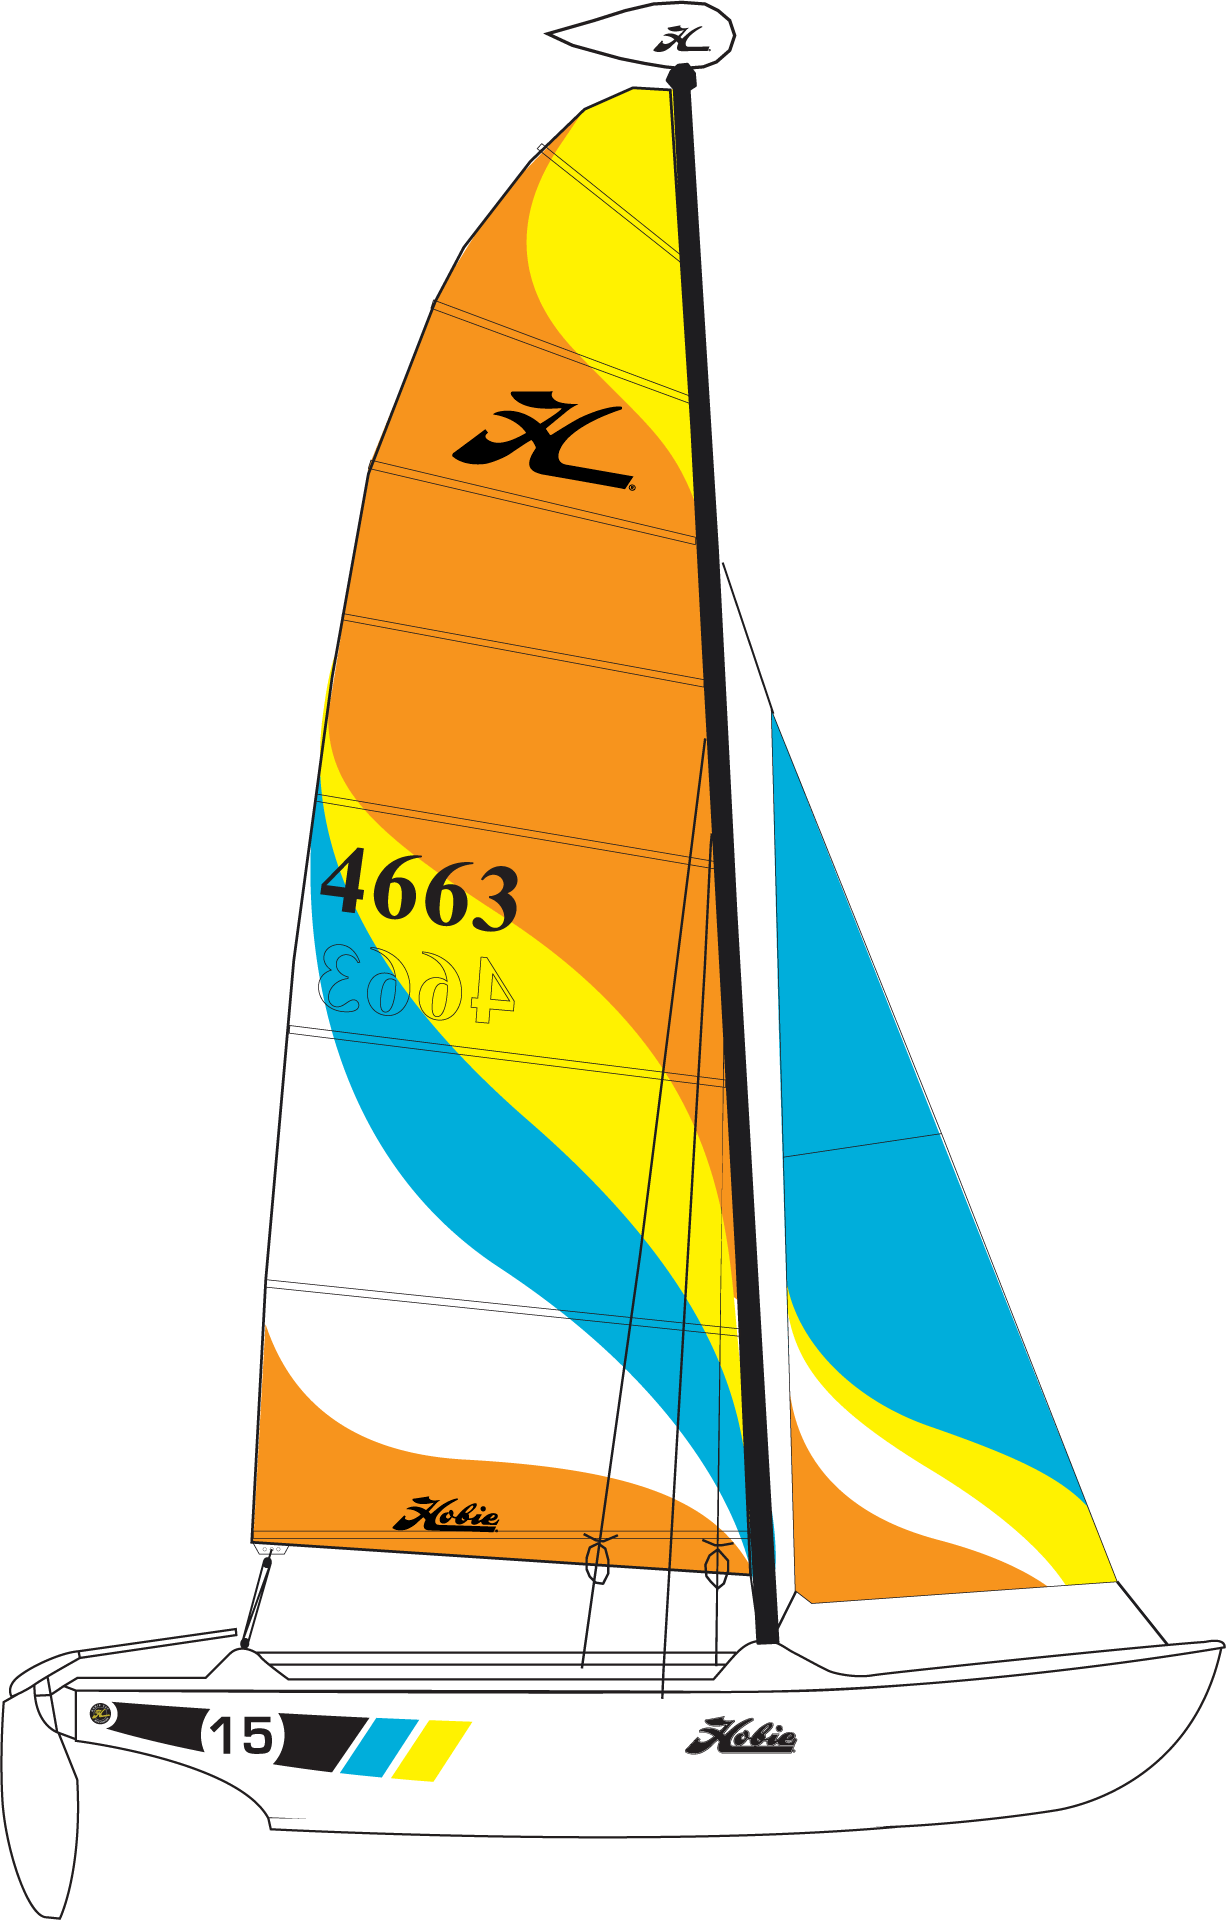 Hobie 15 Catamarans